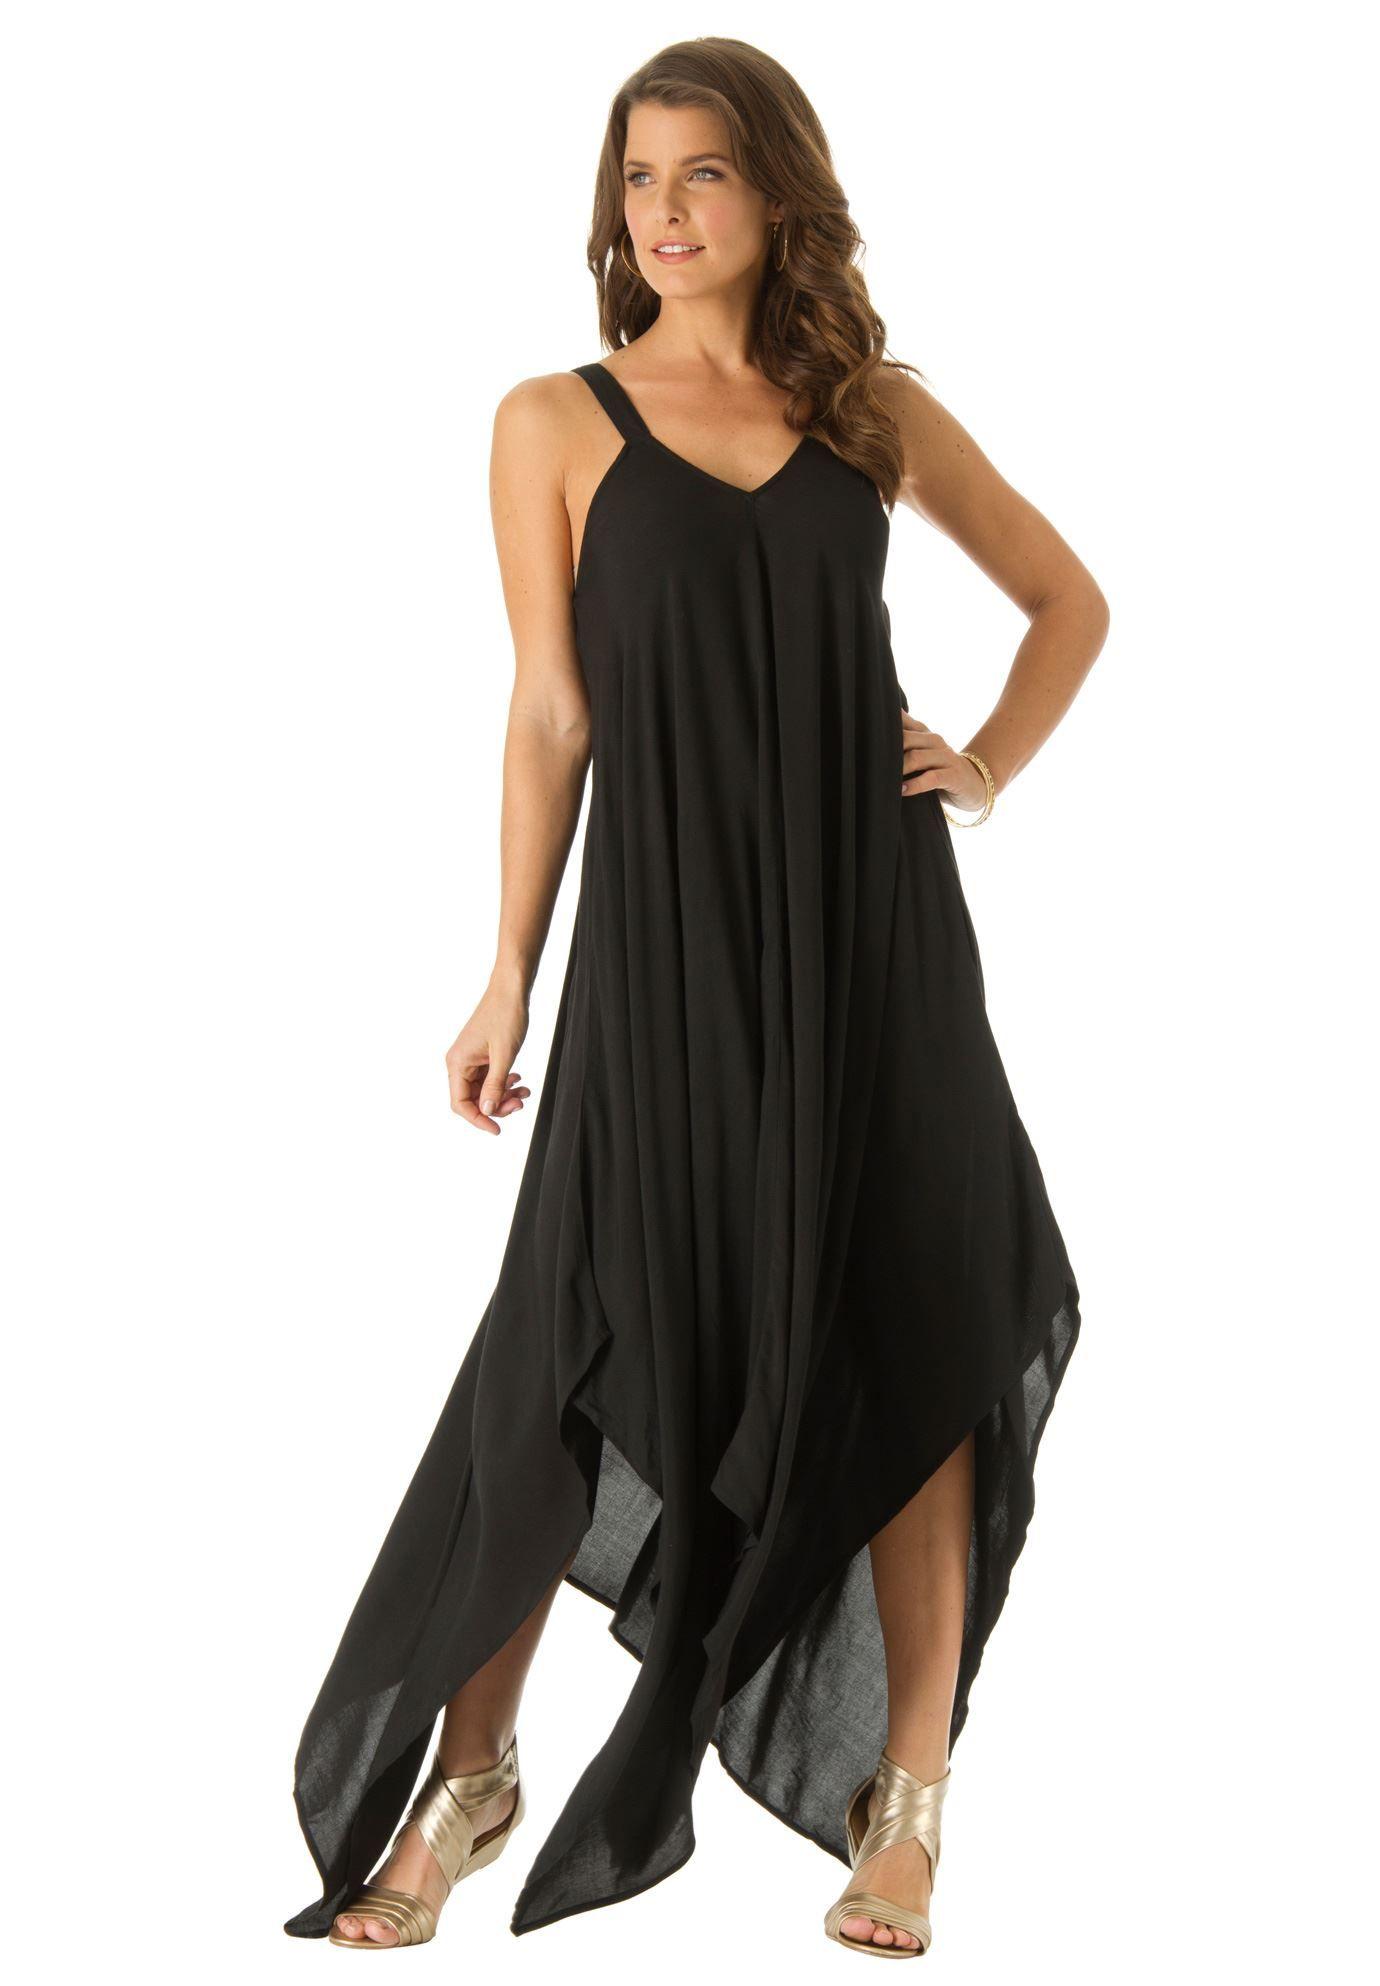 a4de2aad1a470 Roamans / now $80, was $100 / Plus Size Scarf Print Maxi Dress / Item #:  0505-02628-1350